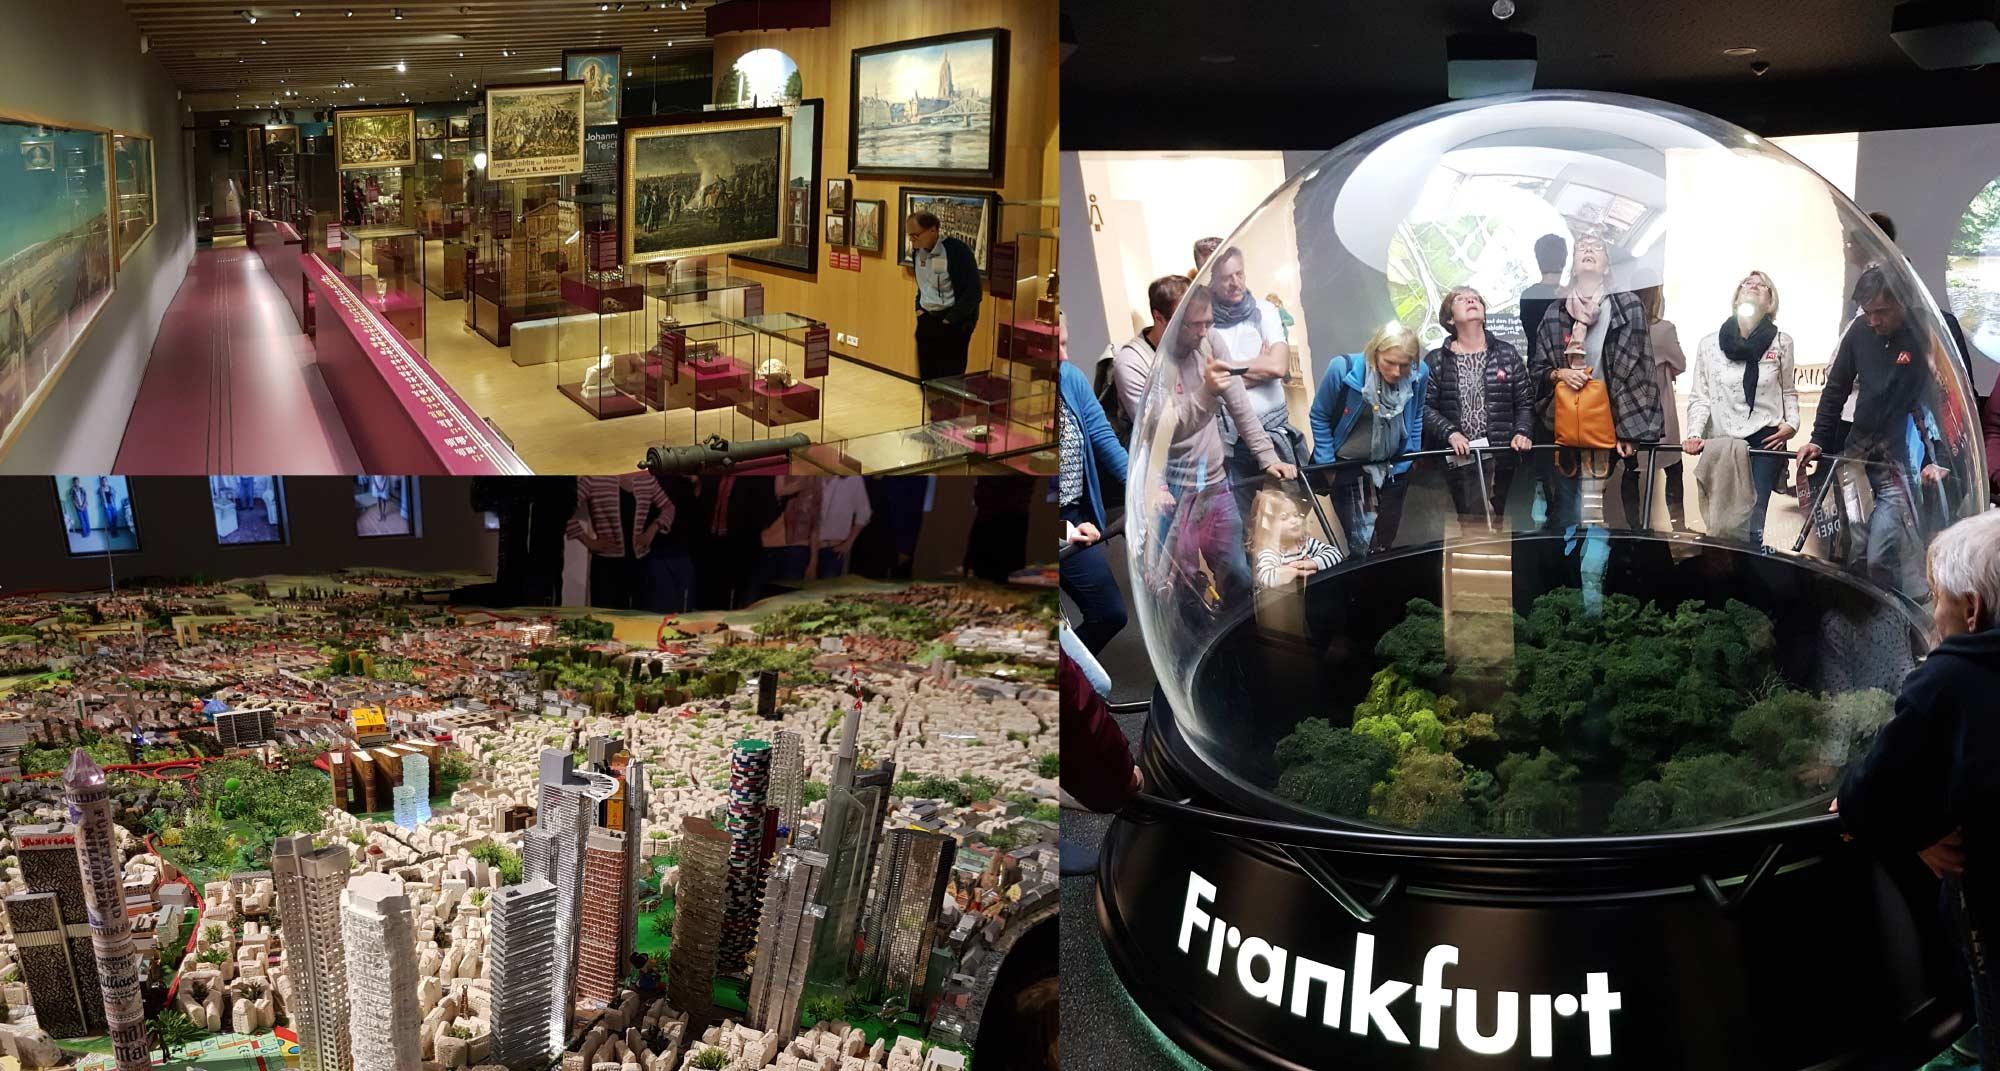 Sehenswürdigkeit in Frankfurt bei schlechtem Wetter: Das Historische Museum für Stadtgeschichte